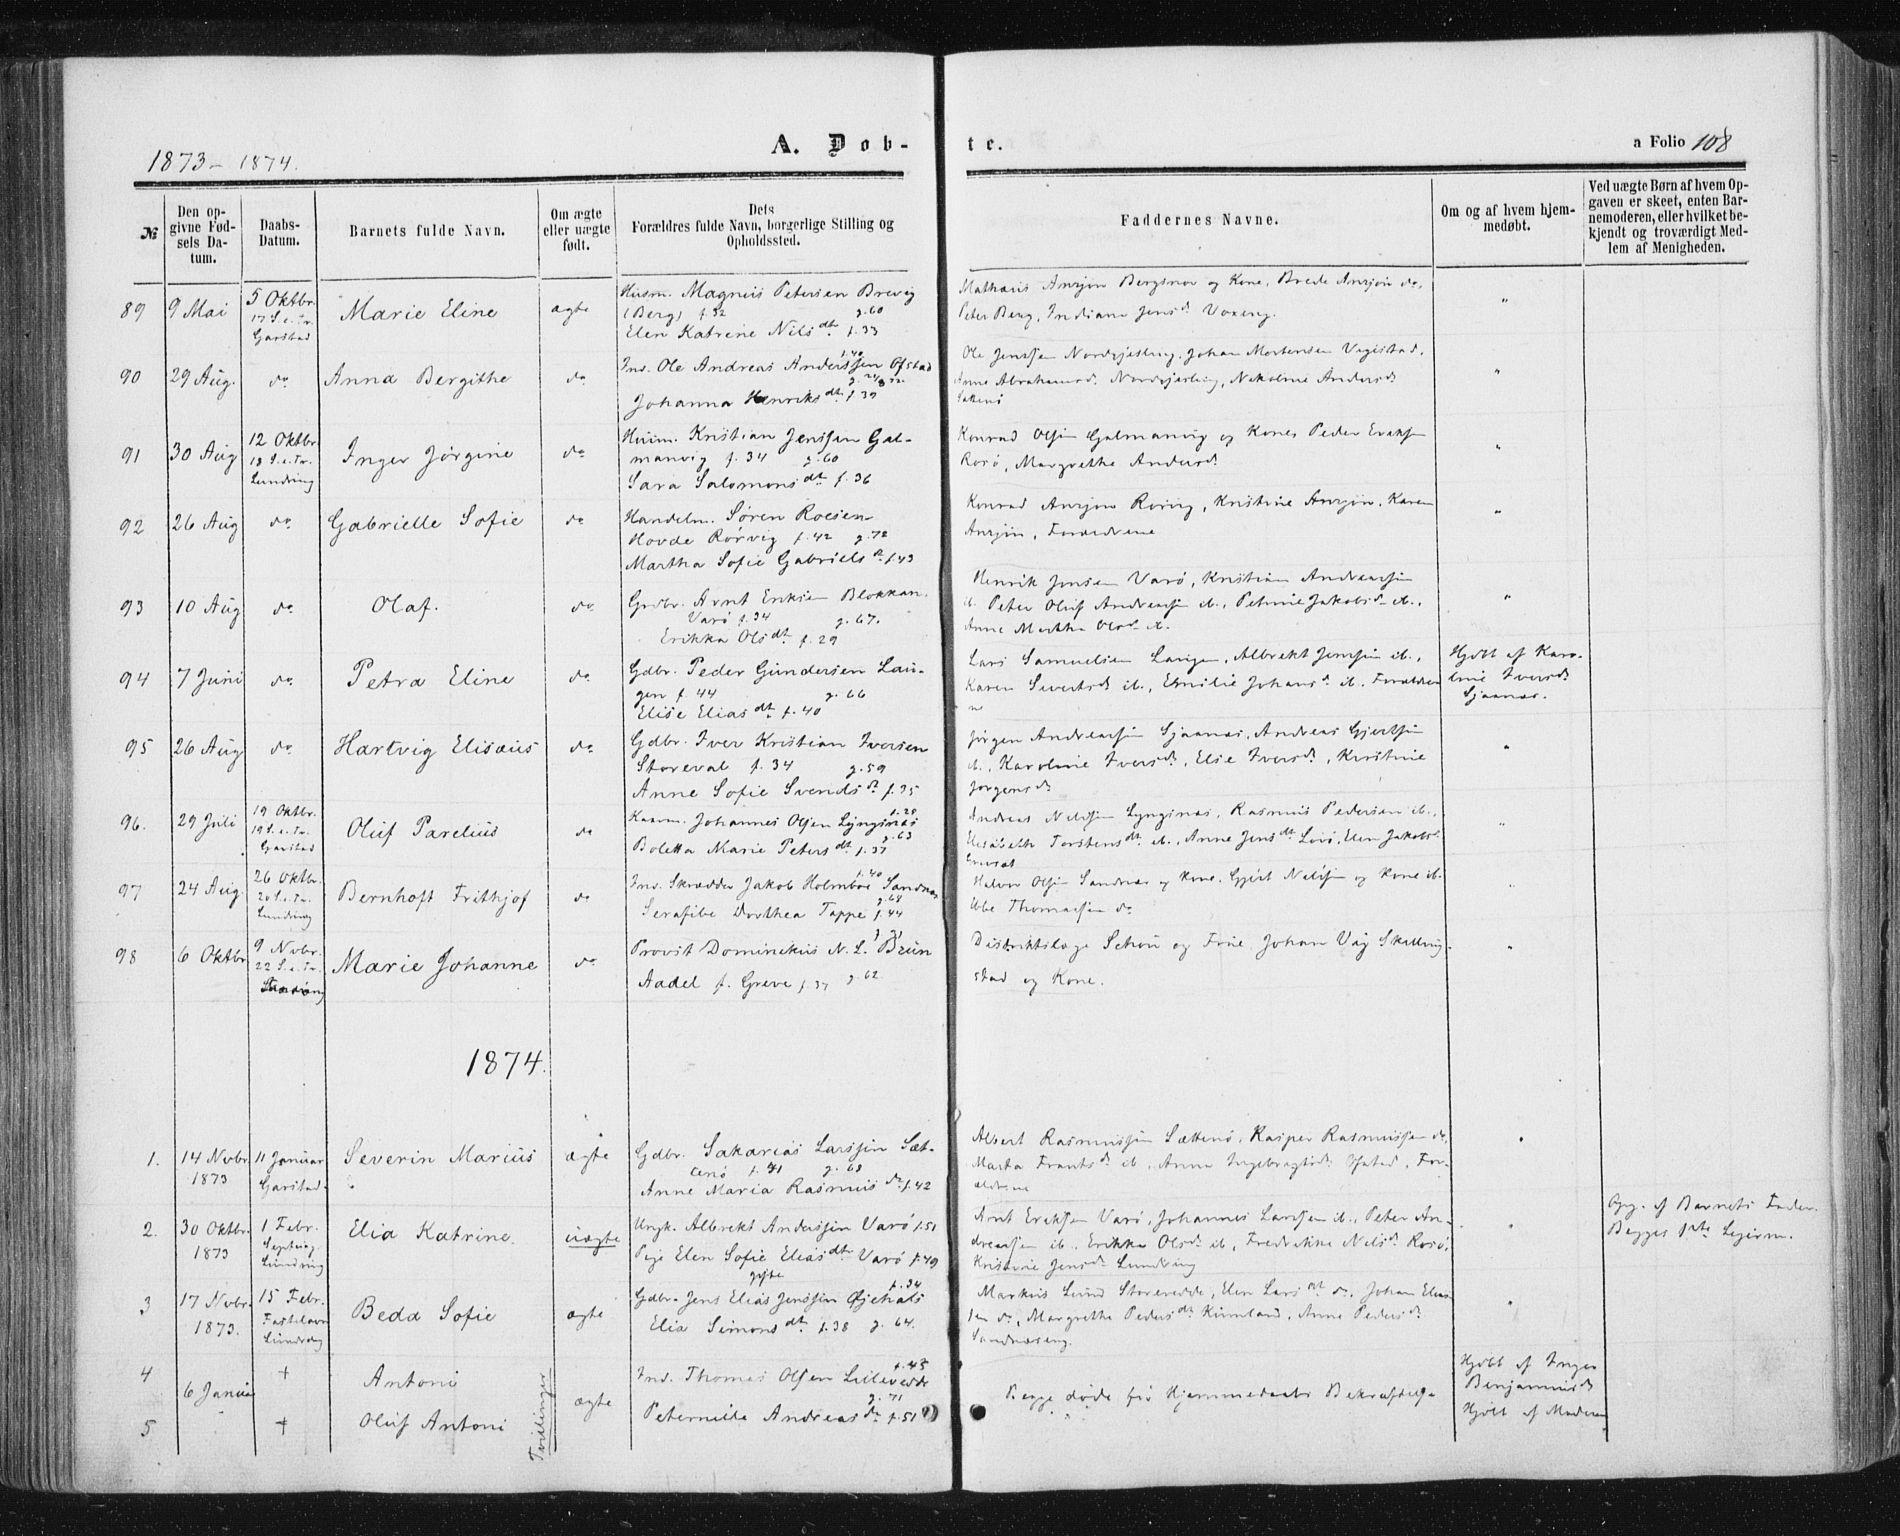 SAT, Ministerialprotokoller, klokkerbøker og fødselsregistre - Nord-Trøndelag, 784/L0670: Ministerialbok nr. 784A05, 1860-1876, s. 108